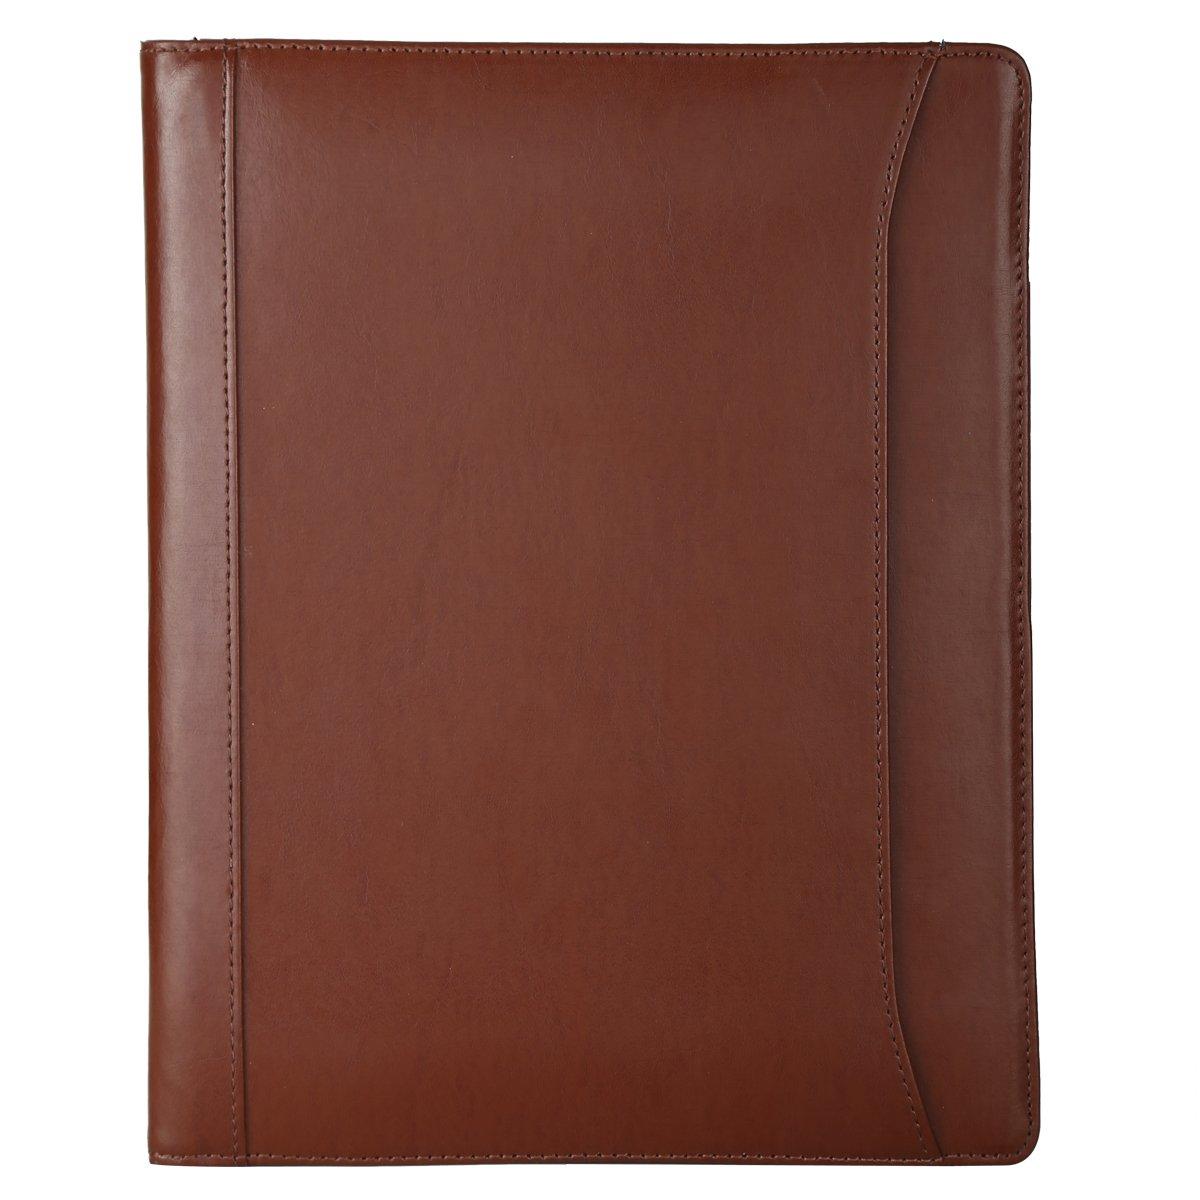 Leathario (Marrón-A4) Marcas de Portafolio de Carpeta Plegable de Mano de PU para Hombres, Diseñado para Negocio y para Tomar notas: Amazon.es: Oficina y ...